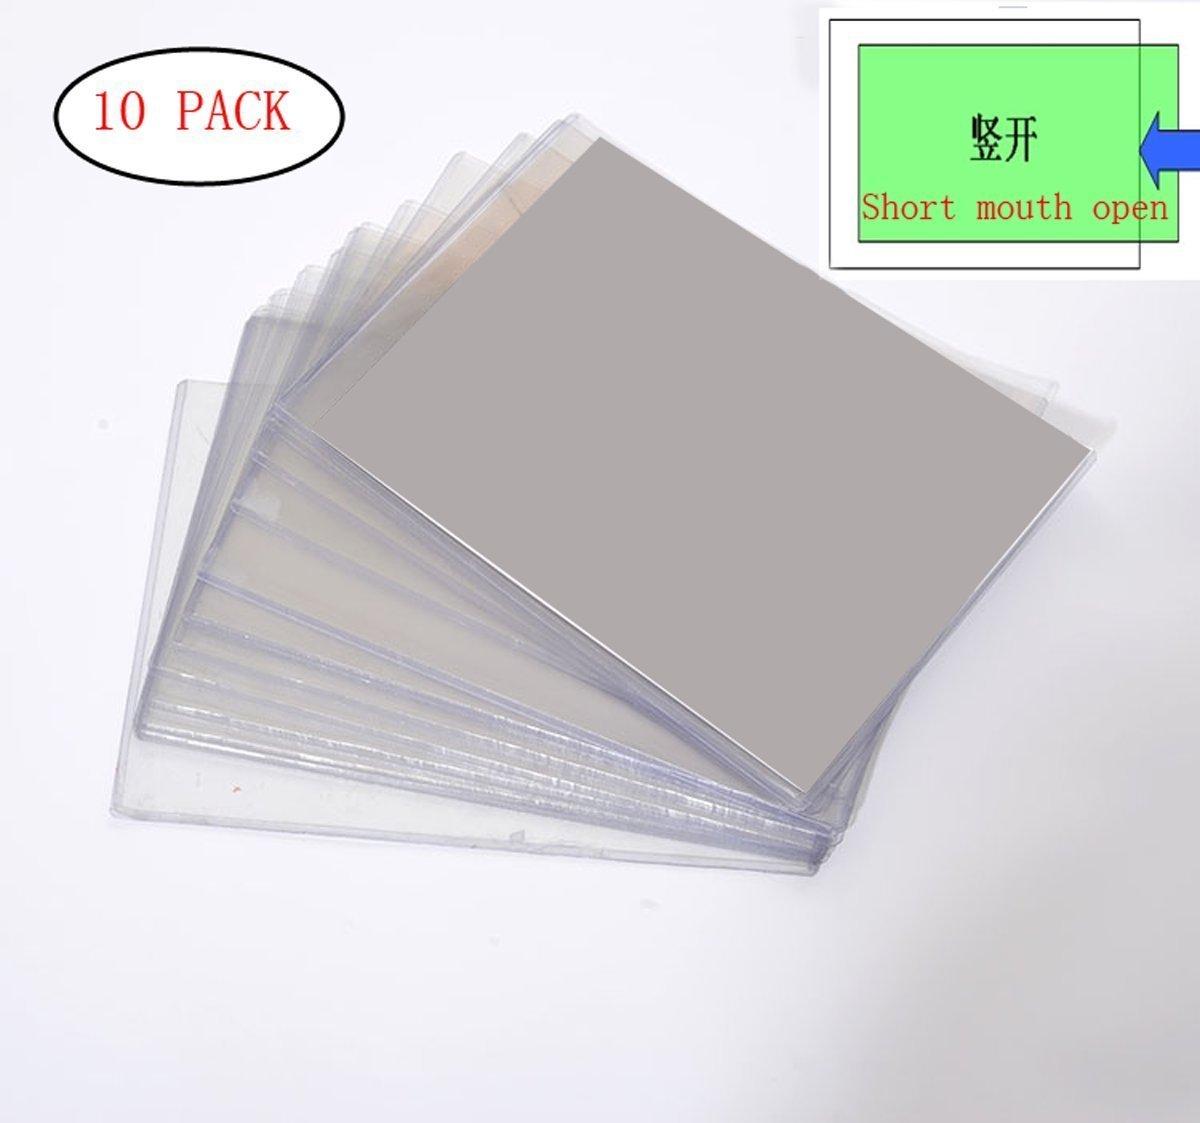 Popowbe 10 Pcs Hard Plastic Case Transparent File Menu